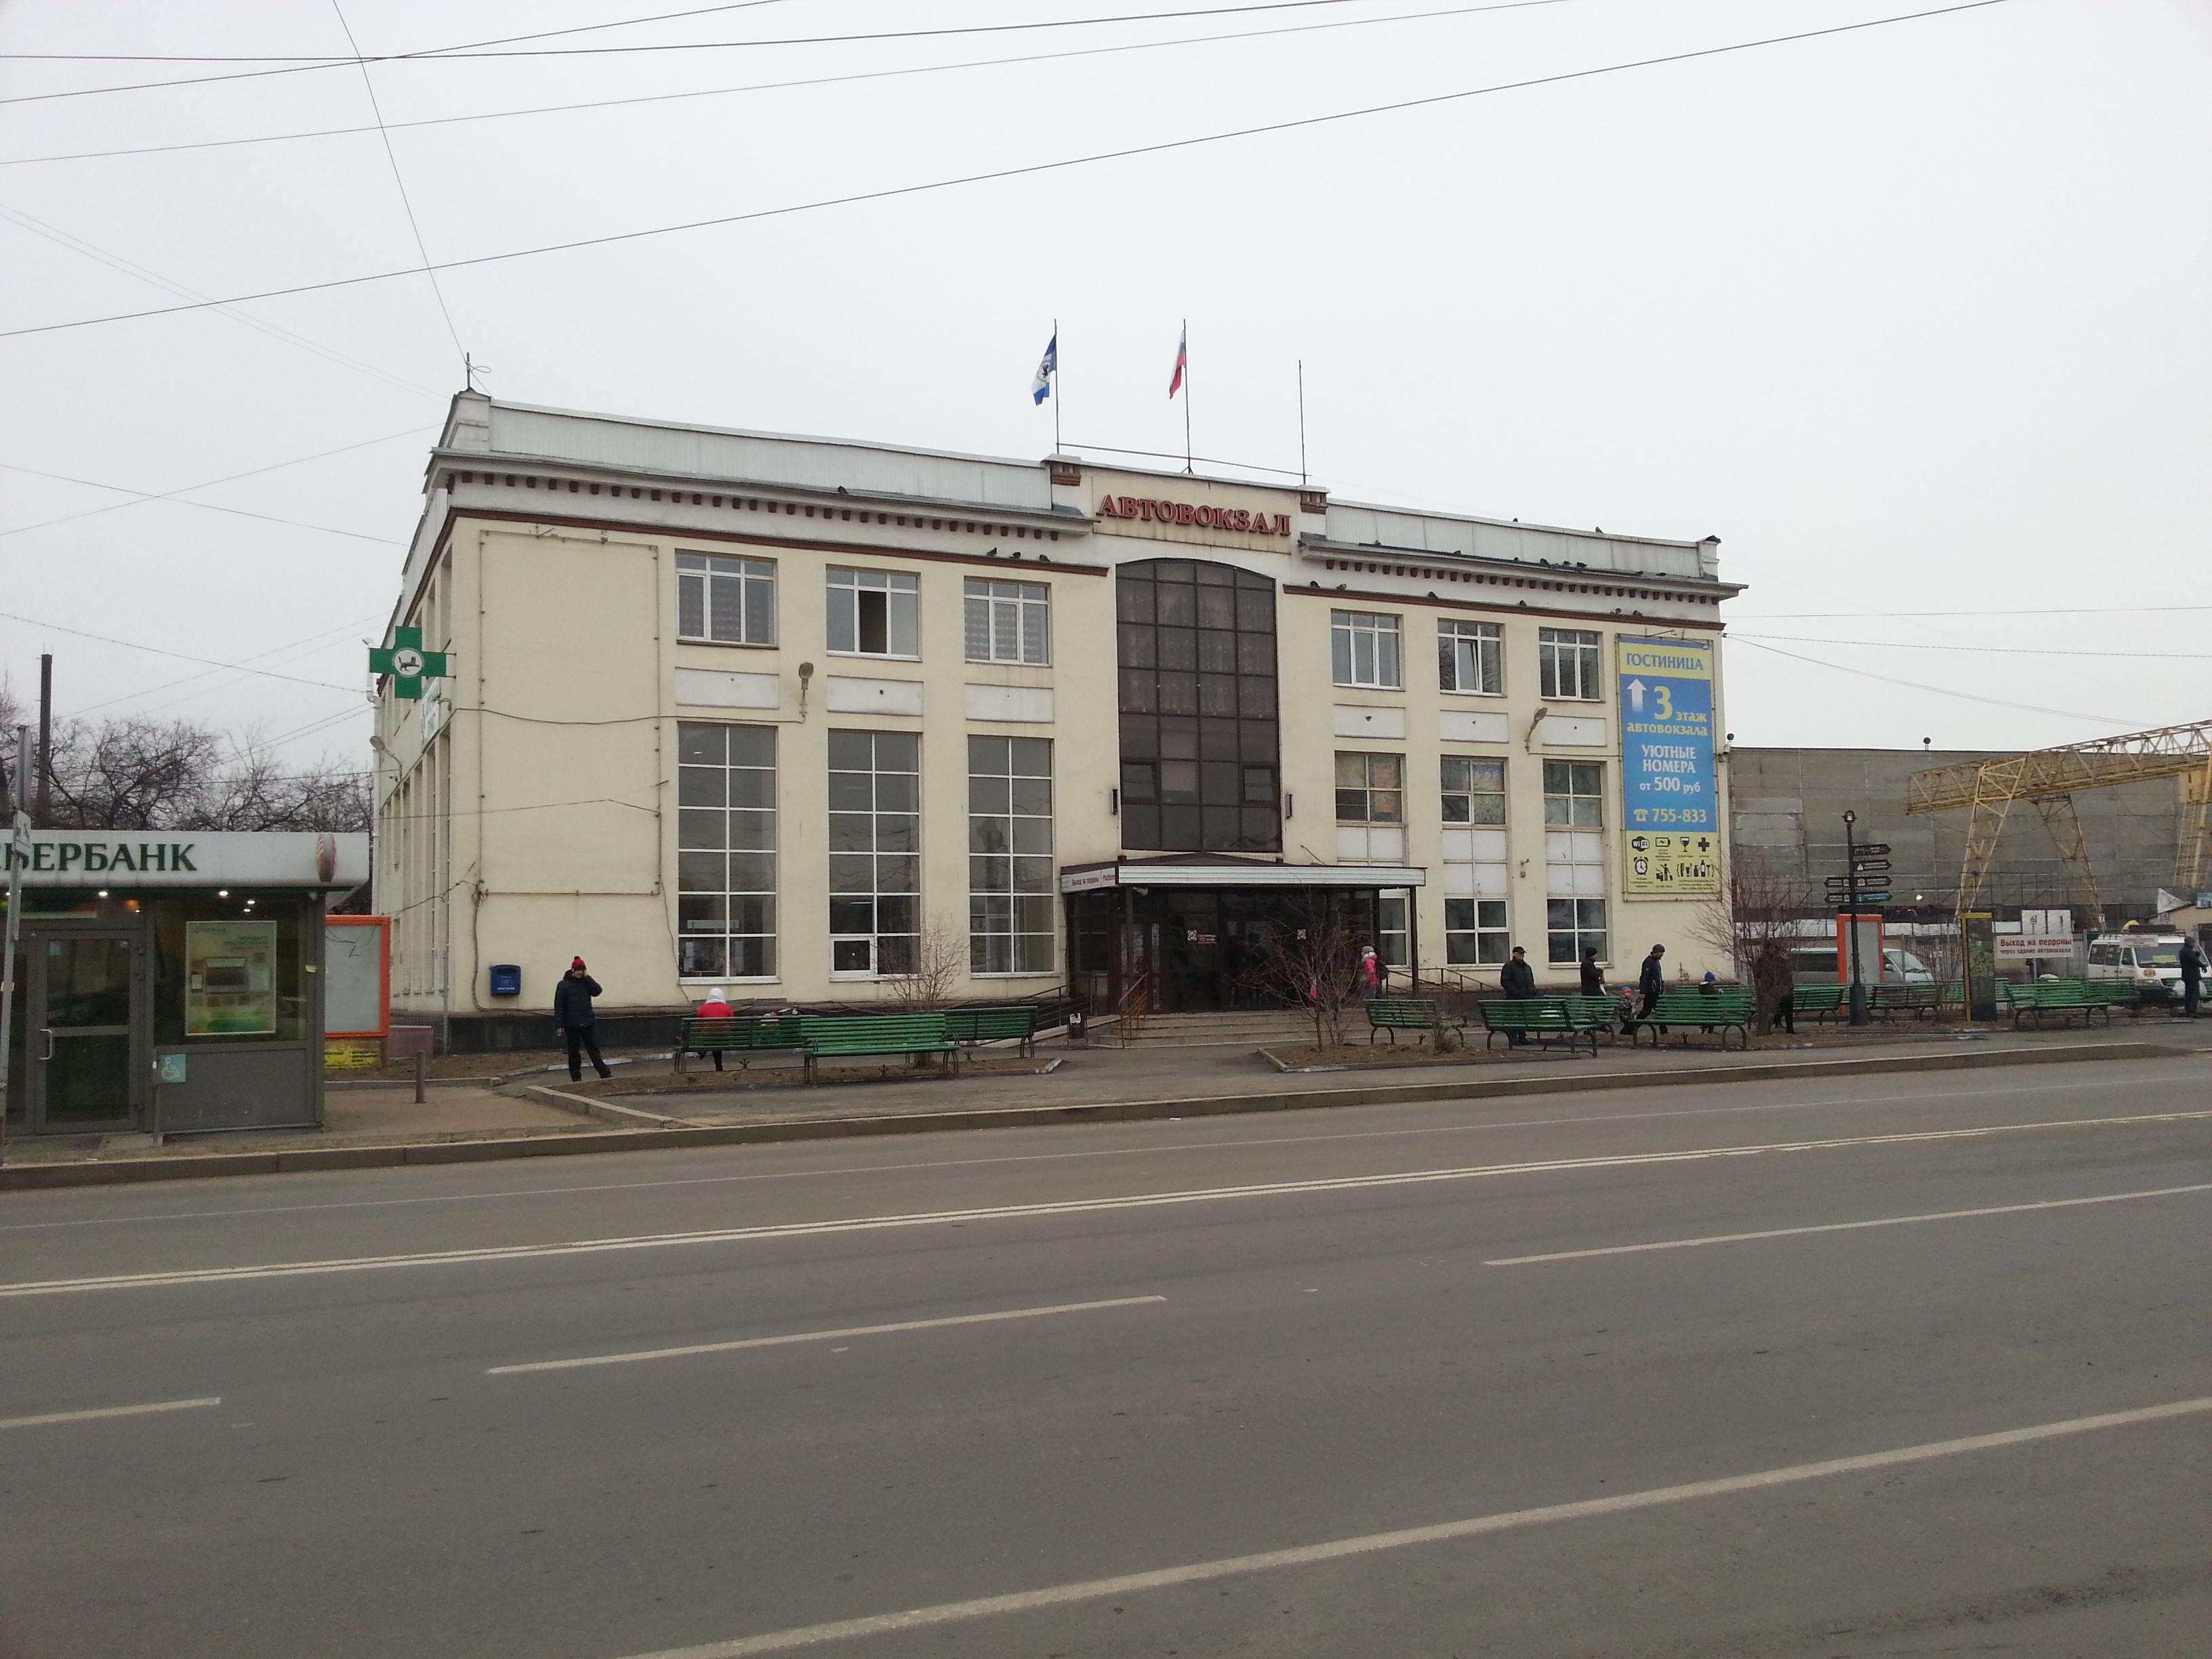 старое фото автовокзала в иркутске вид изнутри предстала